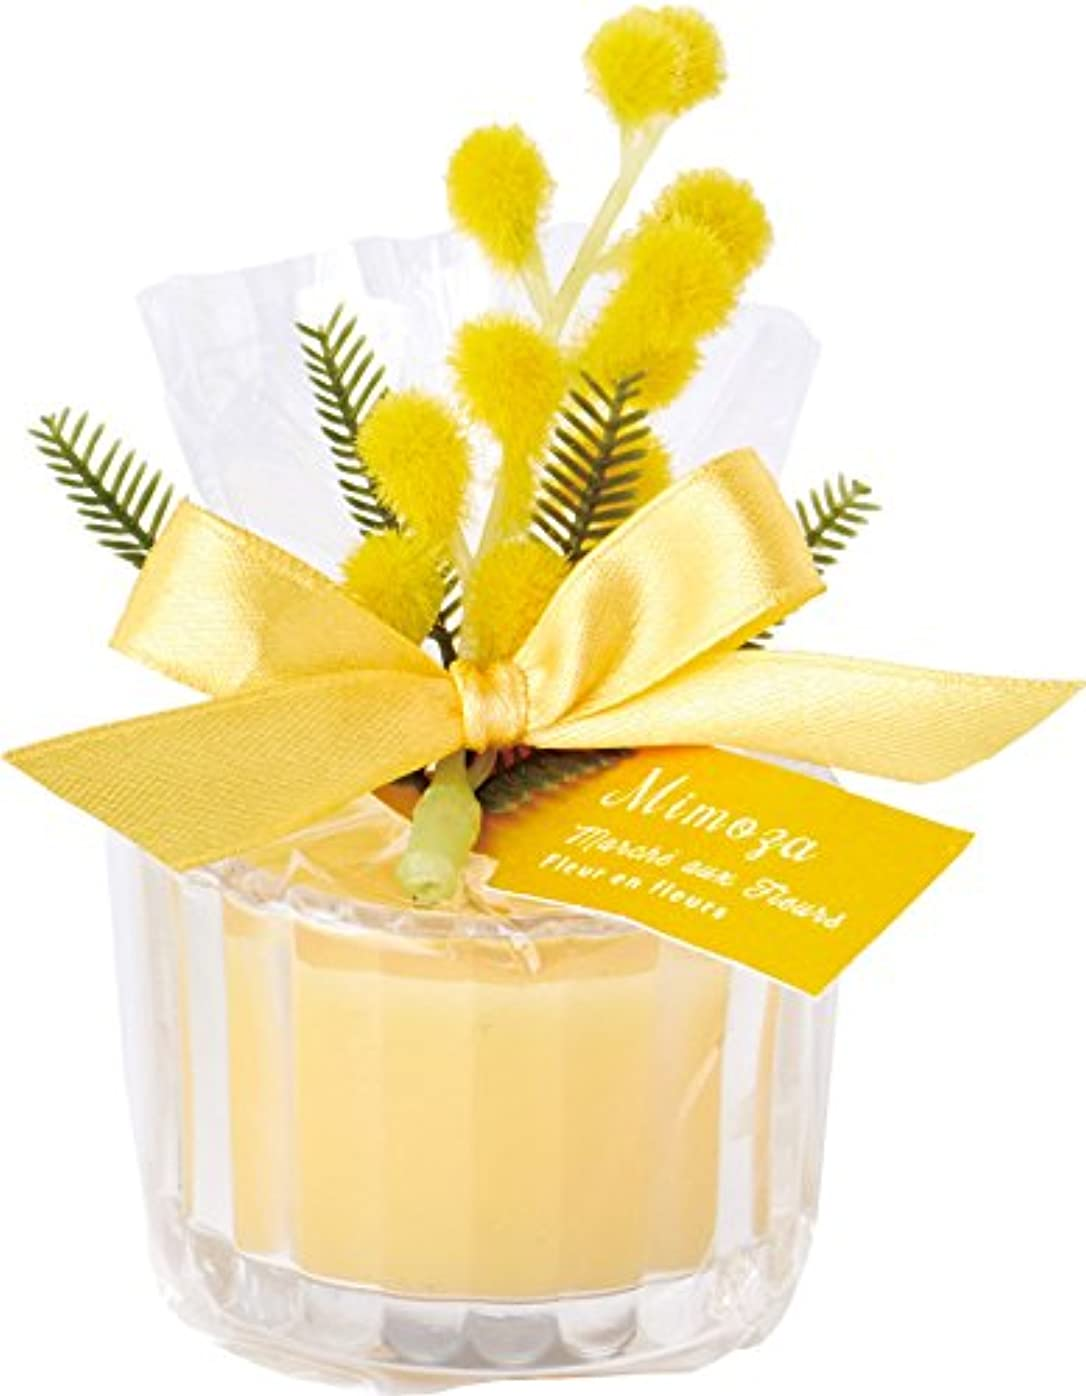 フィットネス尊厳座るカメヤマキャンドルハウス フルールマルシェ ミニグラスキャンドル ミモザ (サンシャインフローラルの香り)